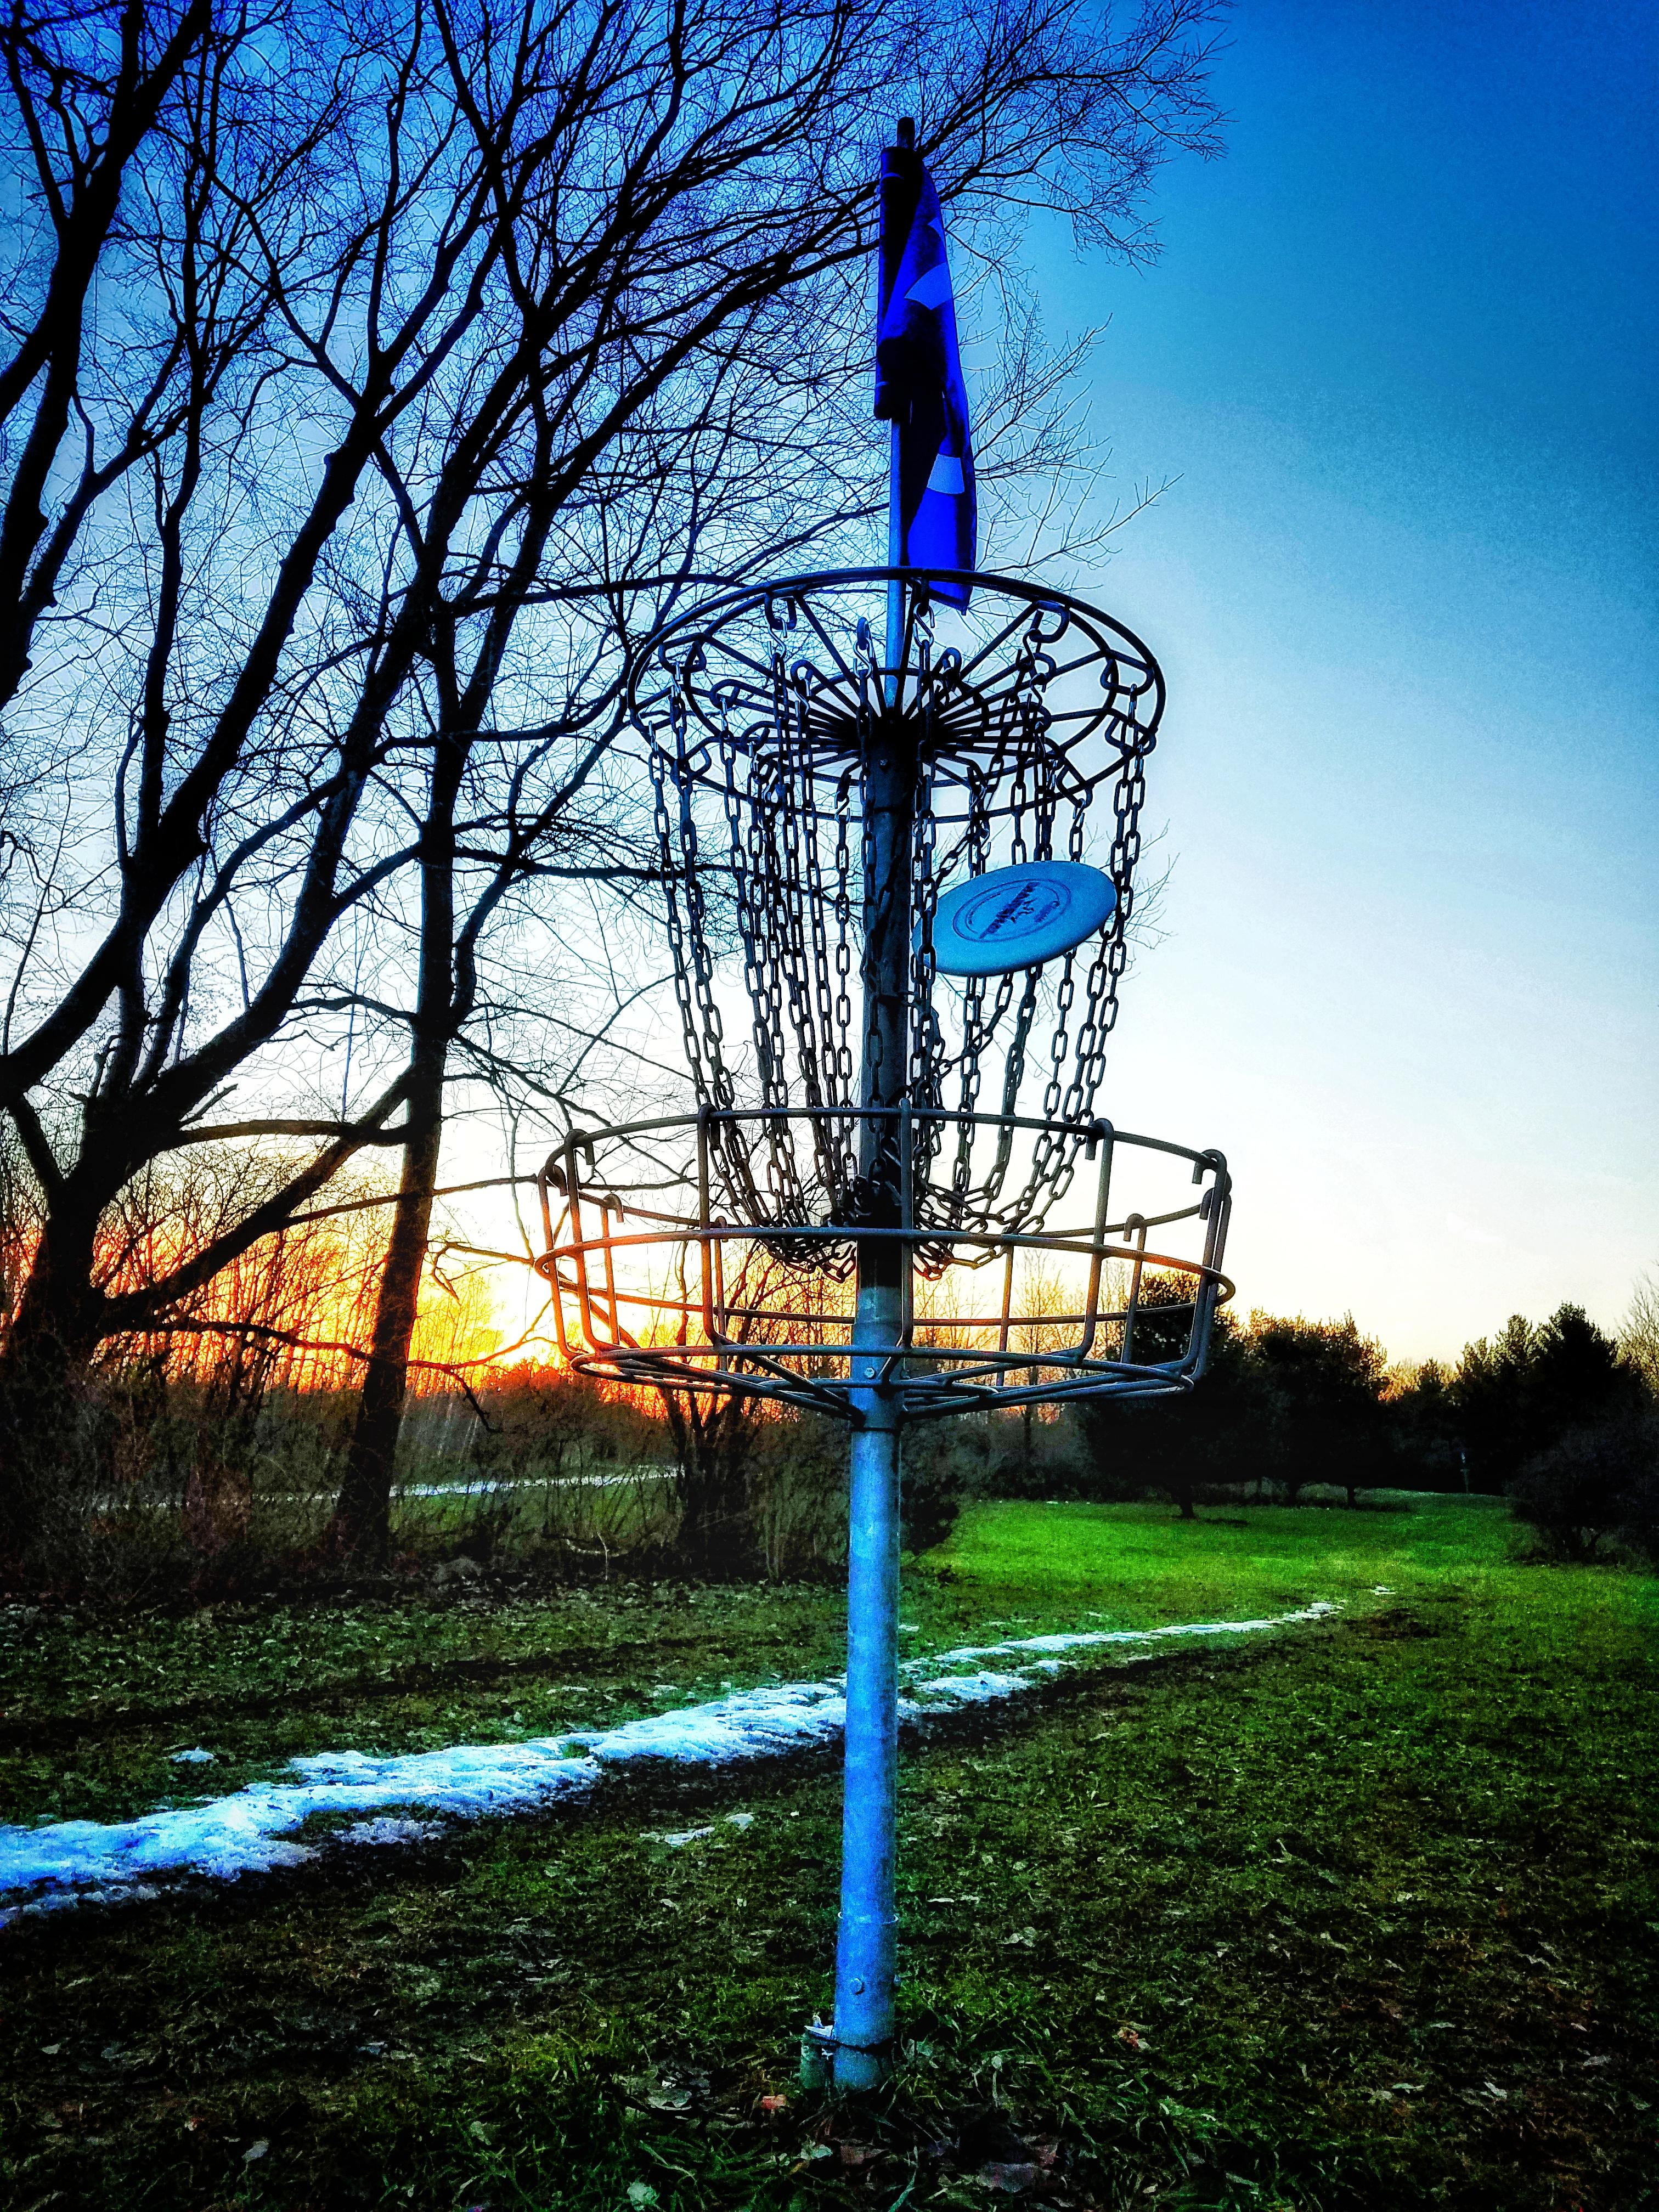 Cold Disc Golf Basket